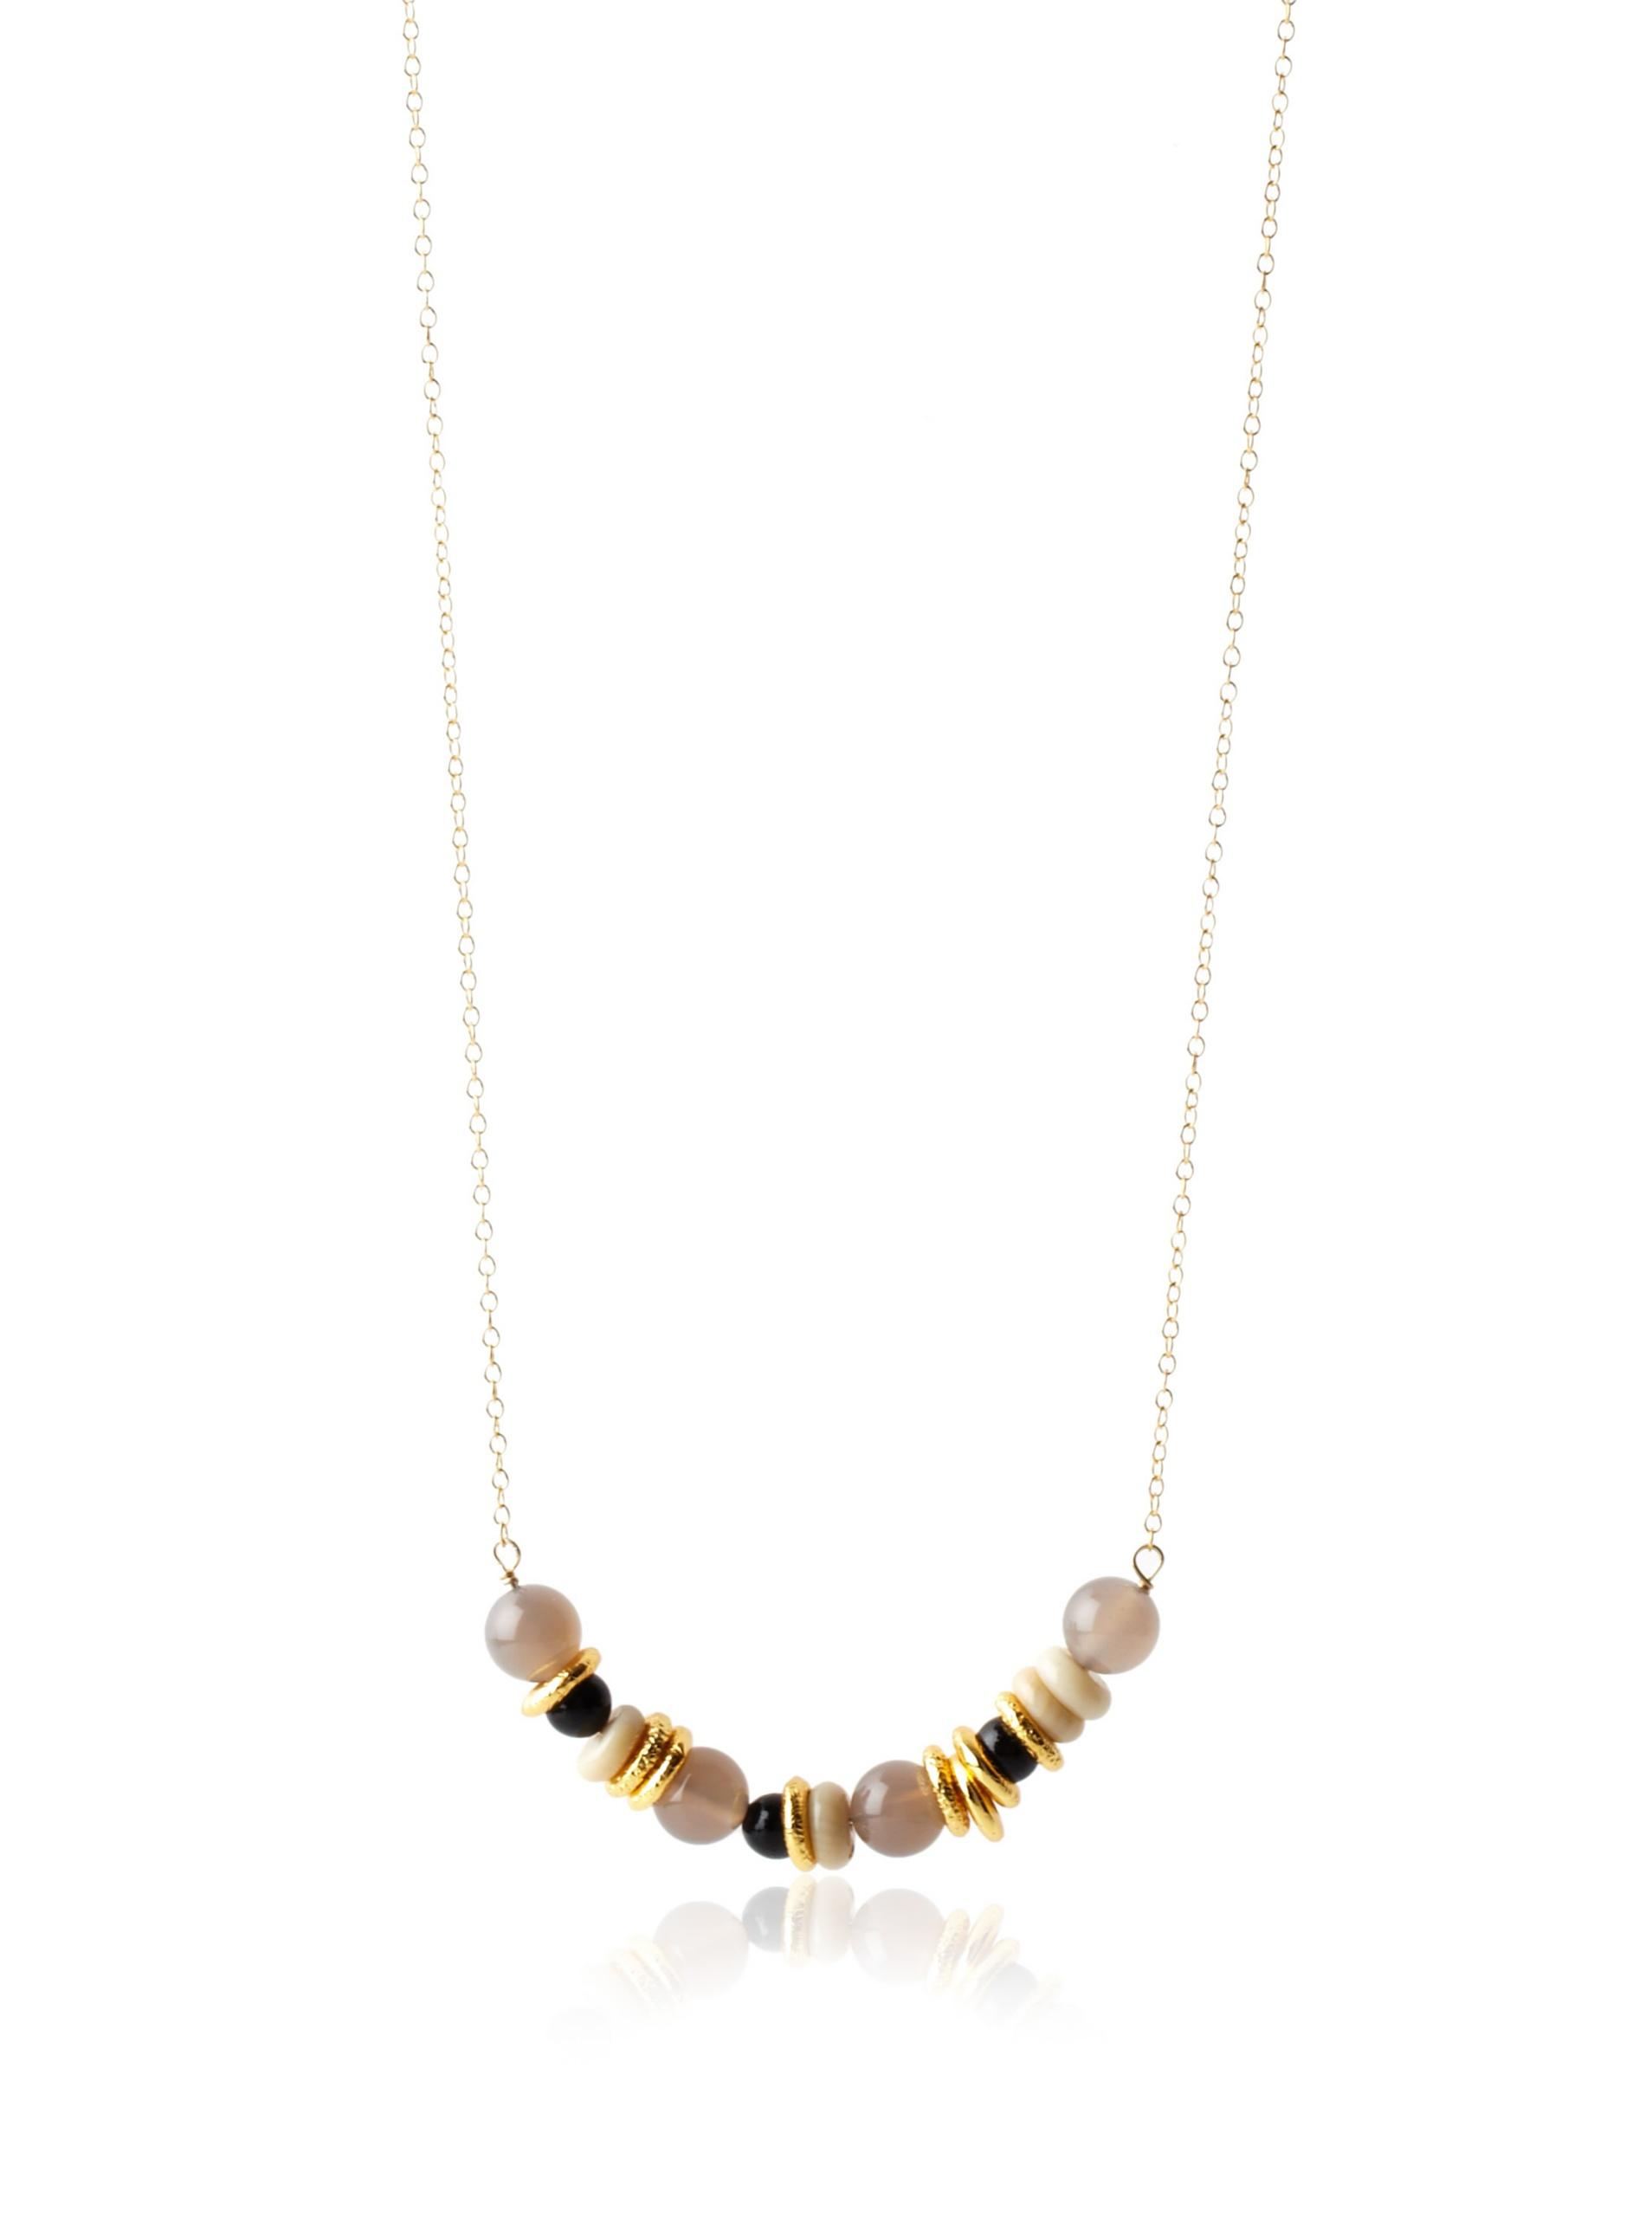 gorjana Morocco Long Necklace, Gold/Black